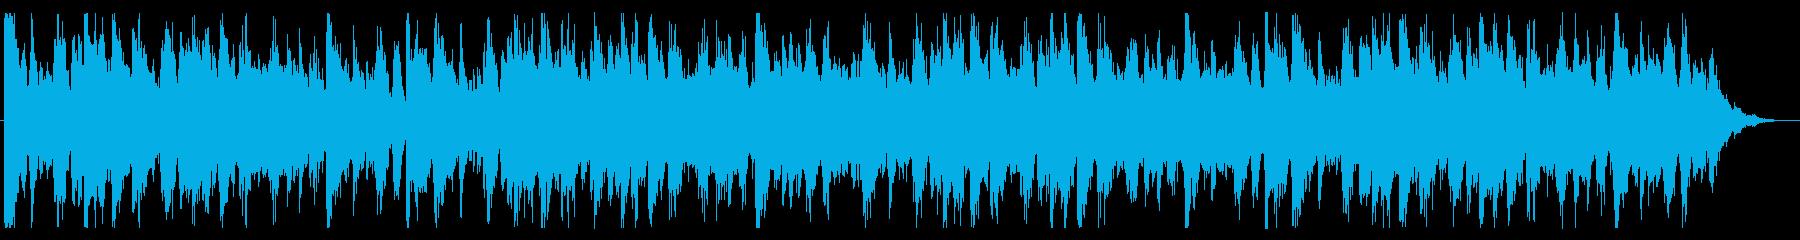 神秘的/サイケデリック_614_5の再生済みの波形